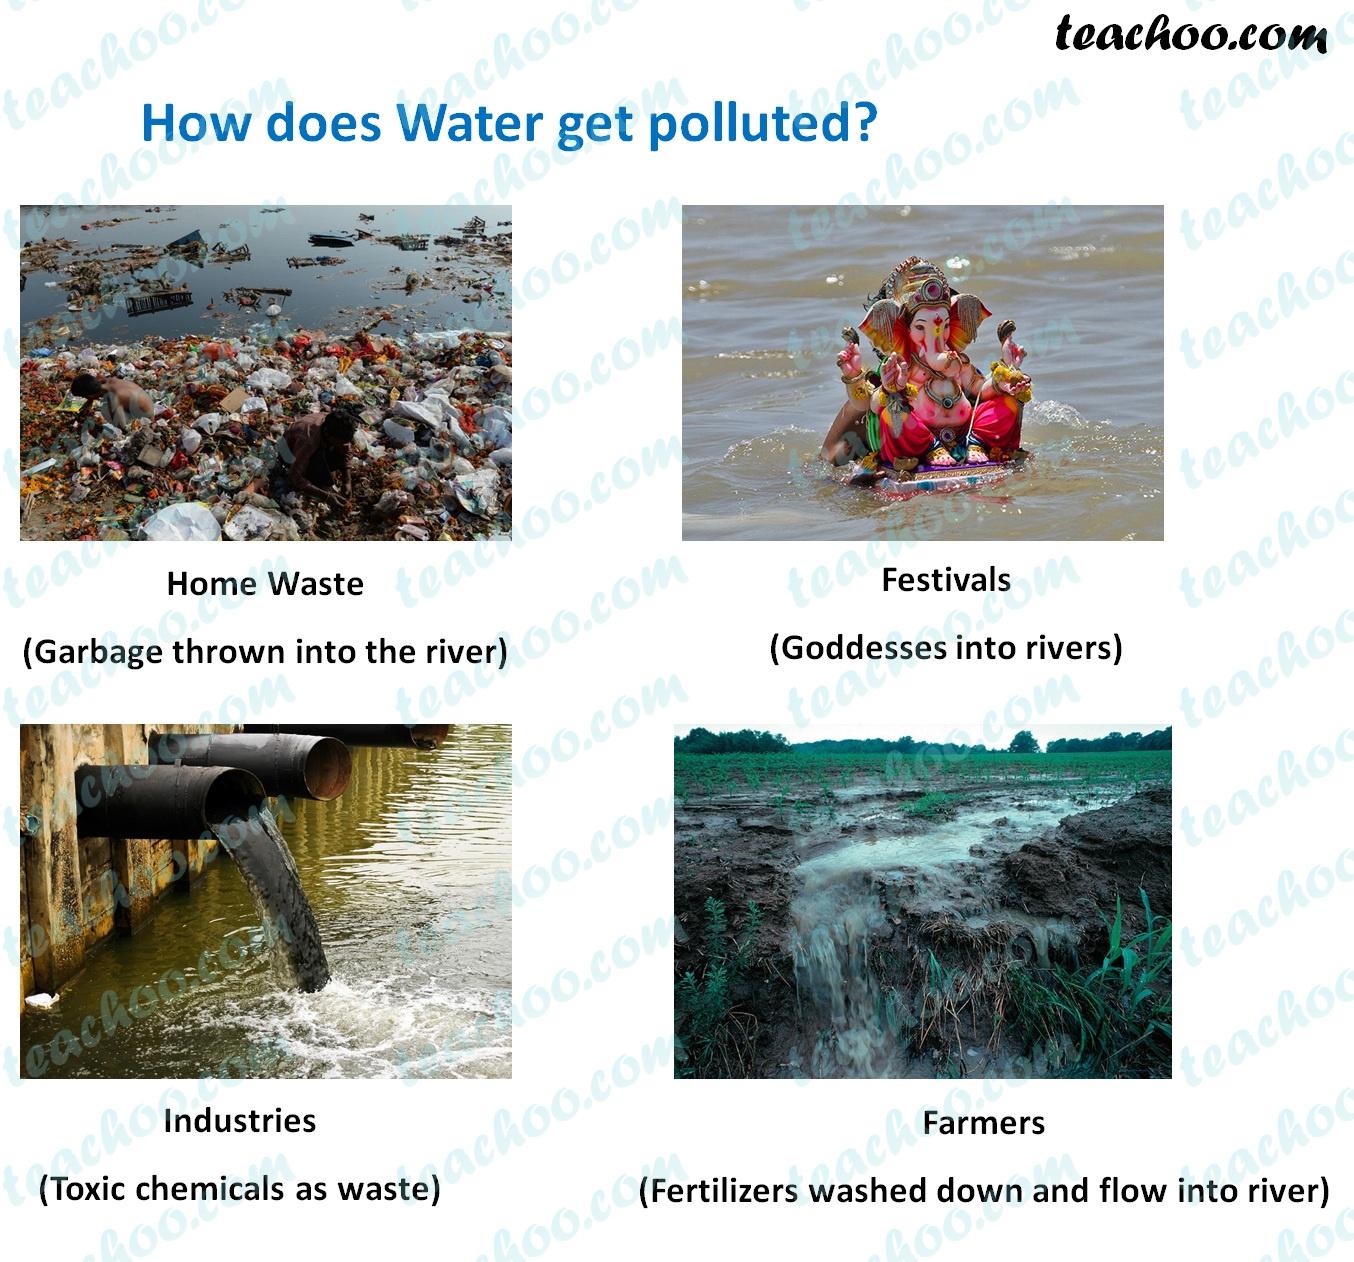 how-does-water-get-polluted---teachoo (1).jpg